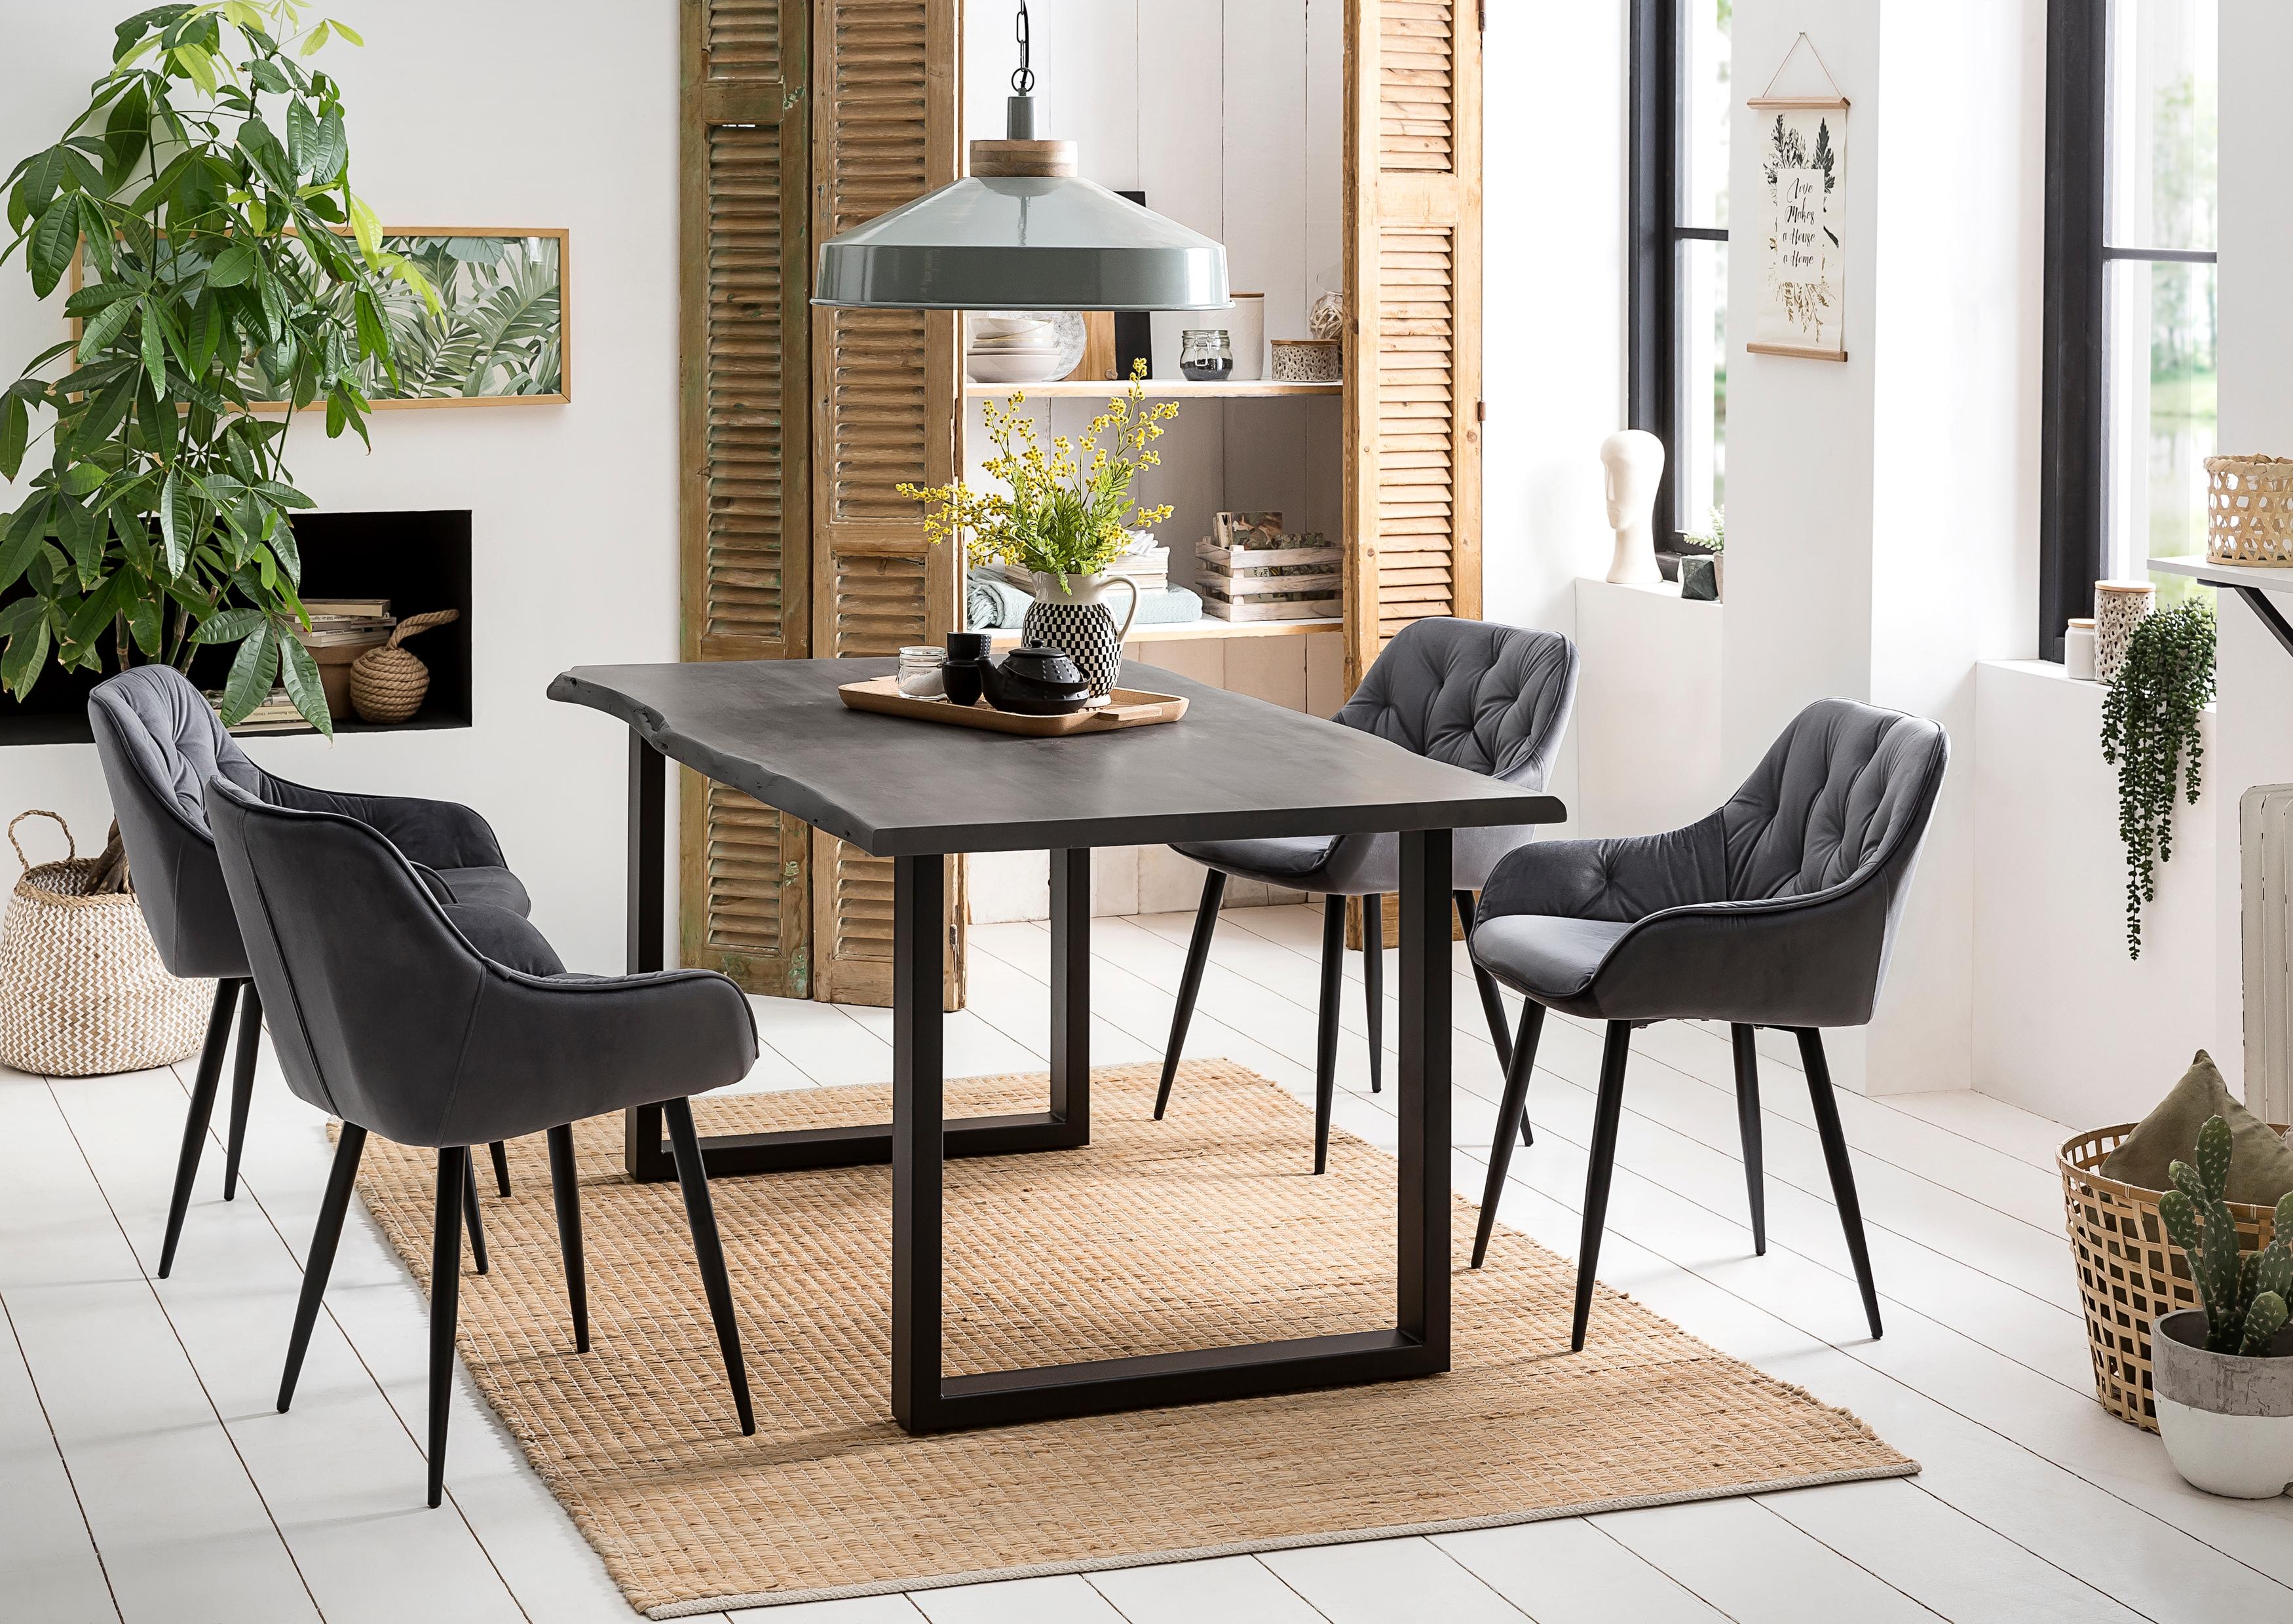 Premium collection by Home affaire Esstisch Manhattan, mit echter Baumkante günstig online kaufen